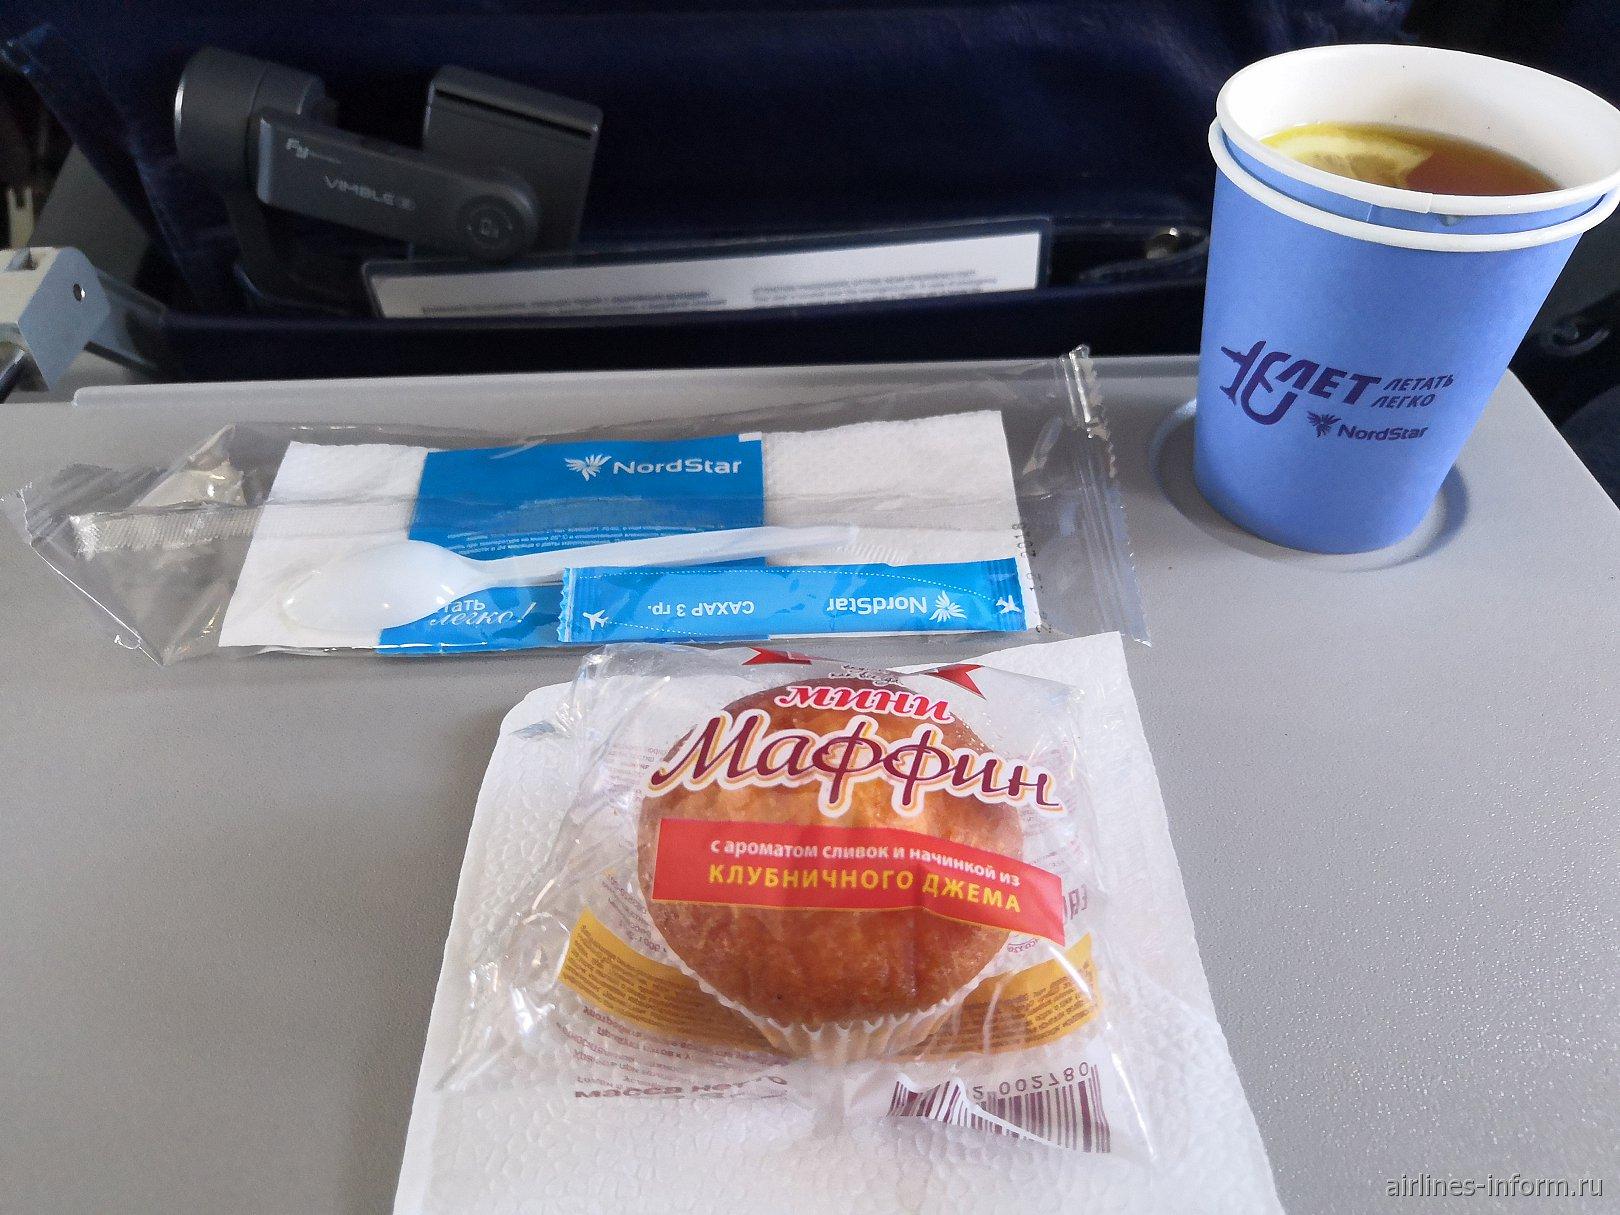 Бортпитание на рейсе Екатеринбург-Омск авиакомпании NordStar